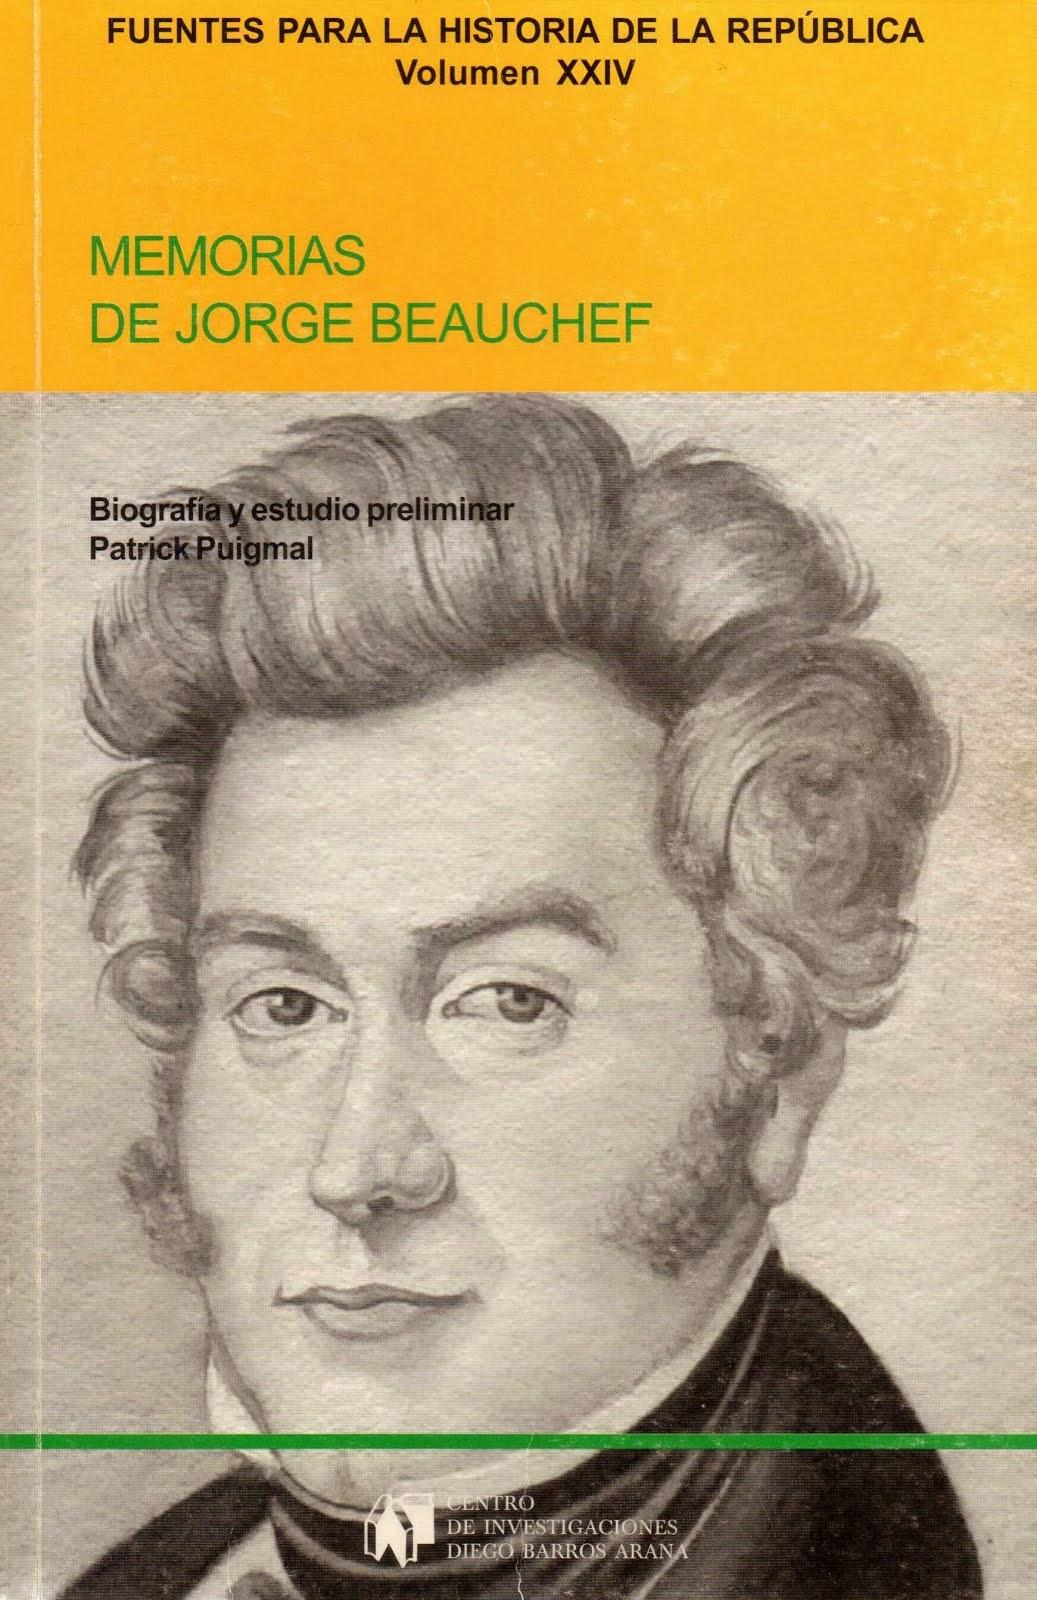 Memorias de Georges (Jorge) BEAUCHEF